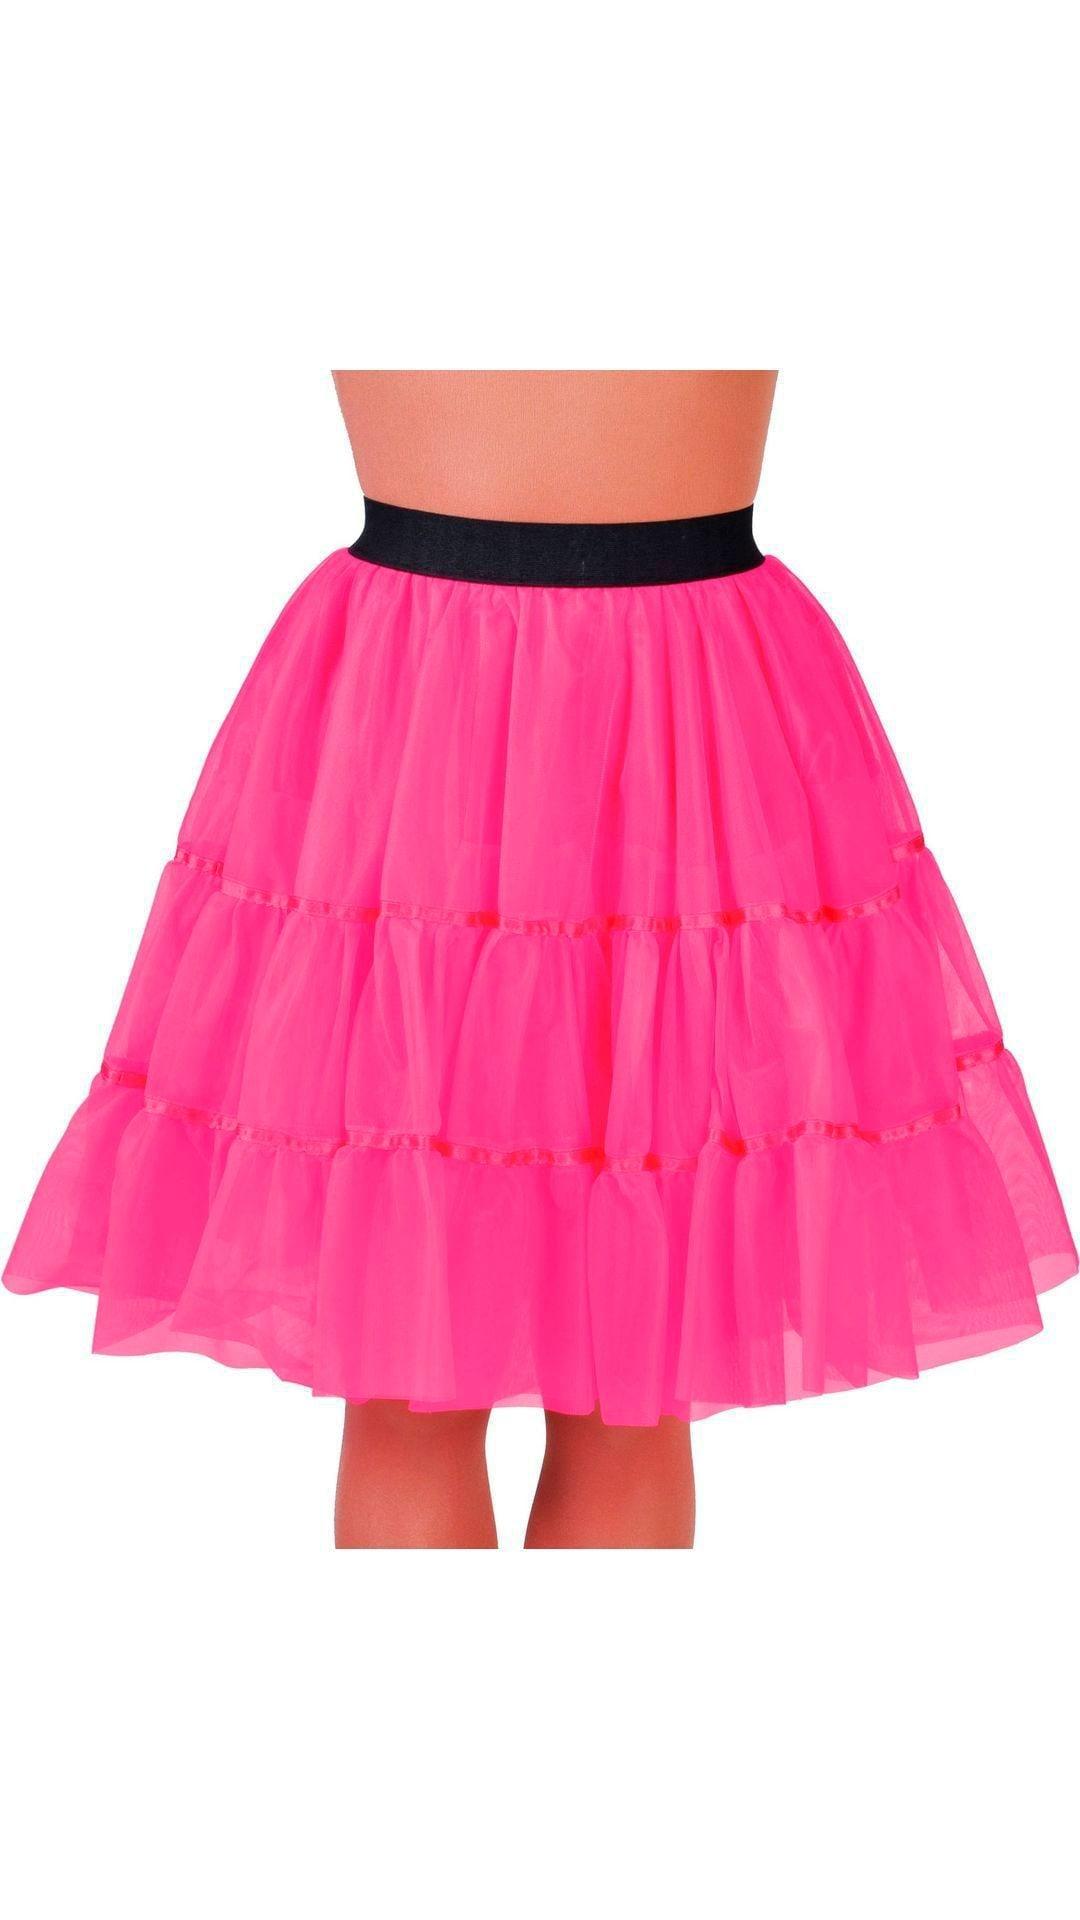 Petticoat middel lang vrouwen roze